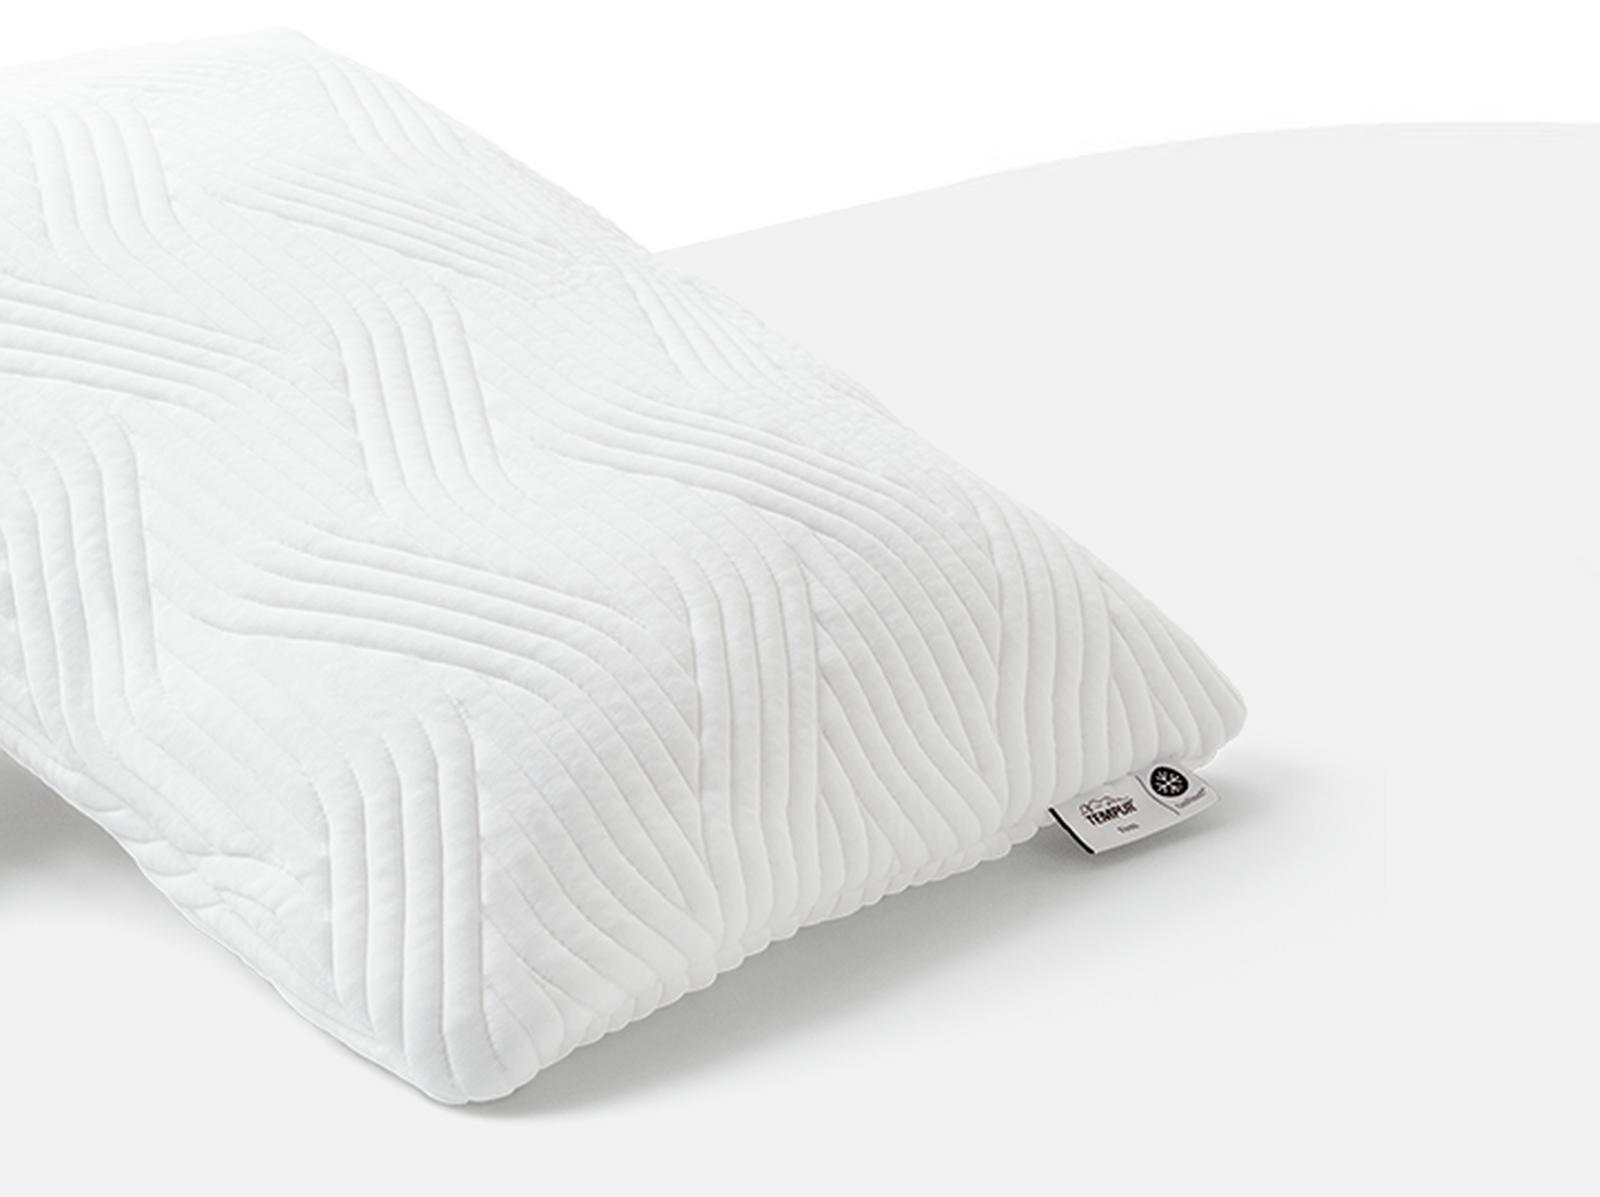 Rask TEMPUR® Matratzen, Kissen und Betten - Matratze online kaufen RS-91